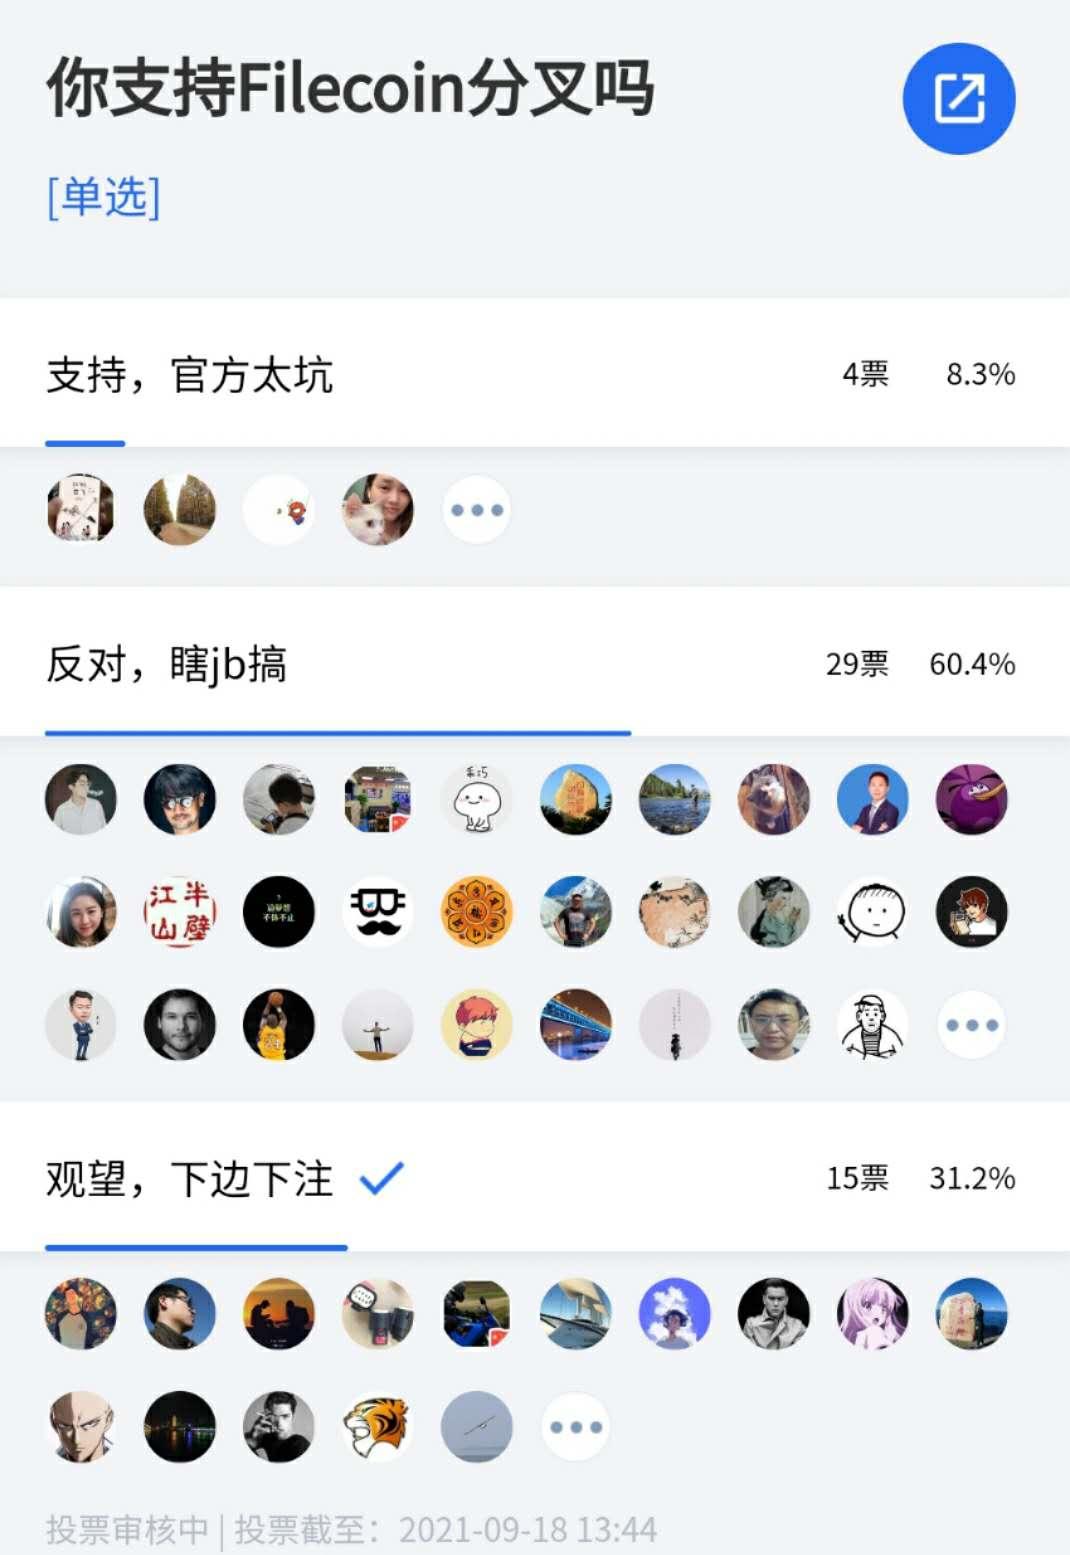 MIX集团韩卫平宣布分叉Filecoin 9月19日上线